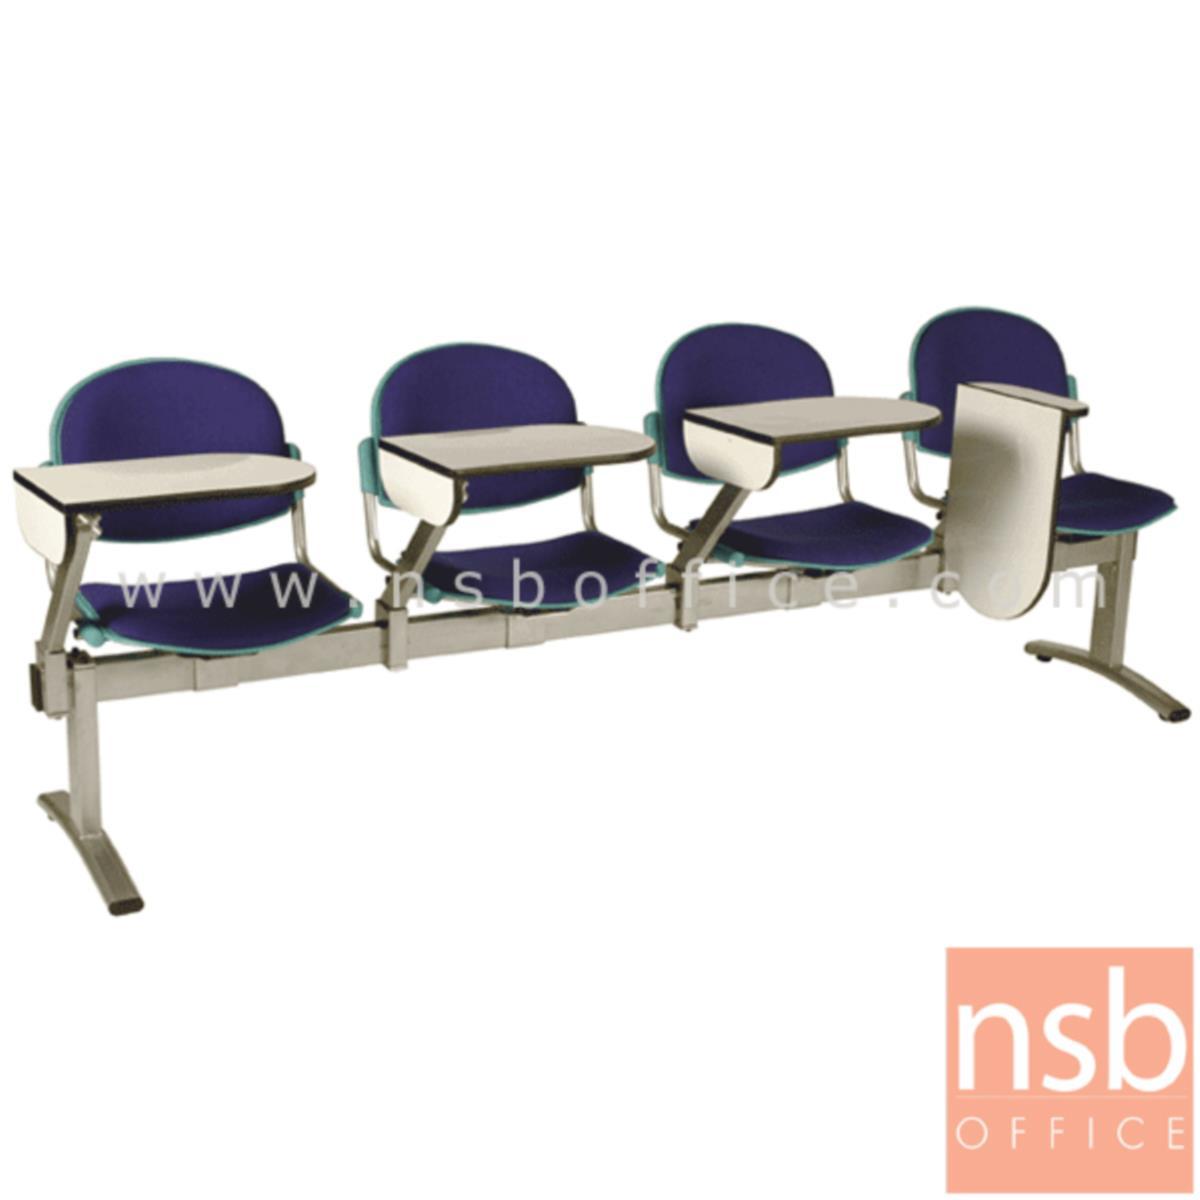 เก้าอี้เลคเชอร์แถวเฟรมโพลี่หุ้มเบาะ รุ่น D756 2 ,3 และ 4 ที่นั่ง ขาเหล็กพ่นสีเทา